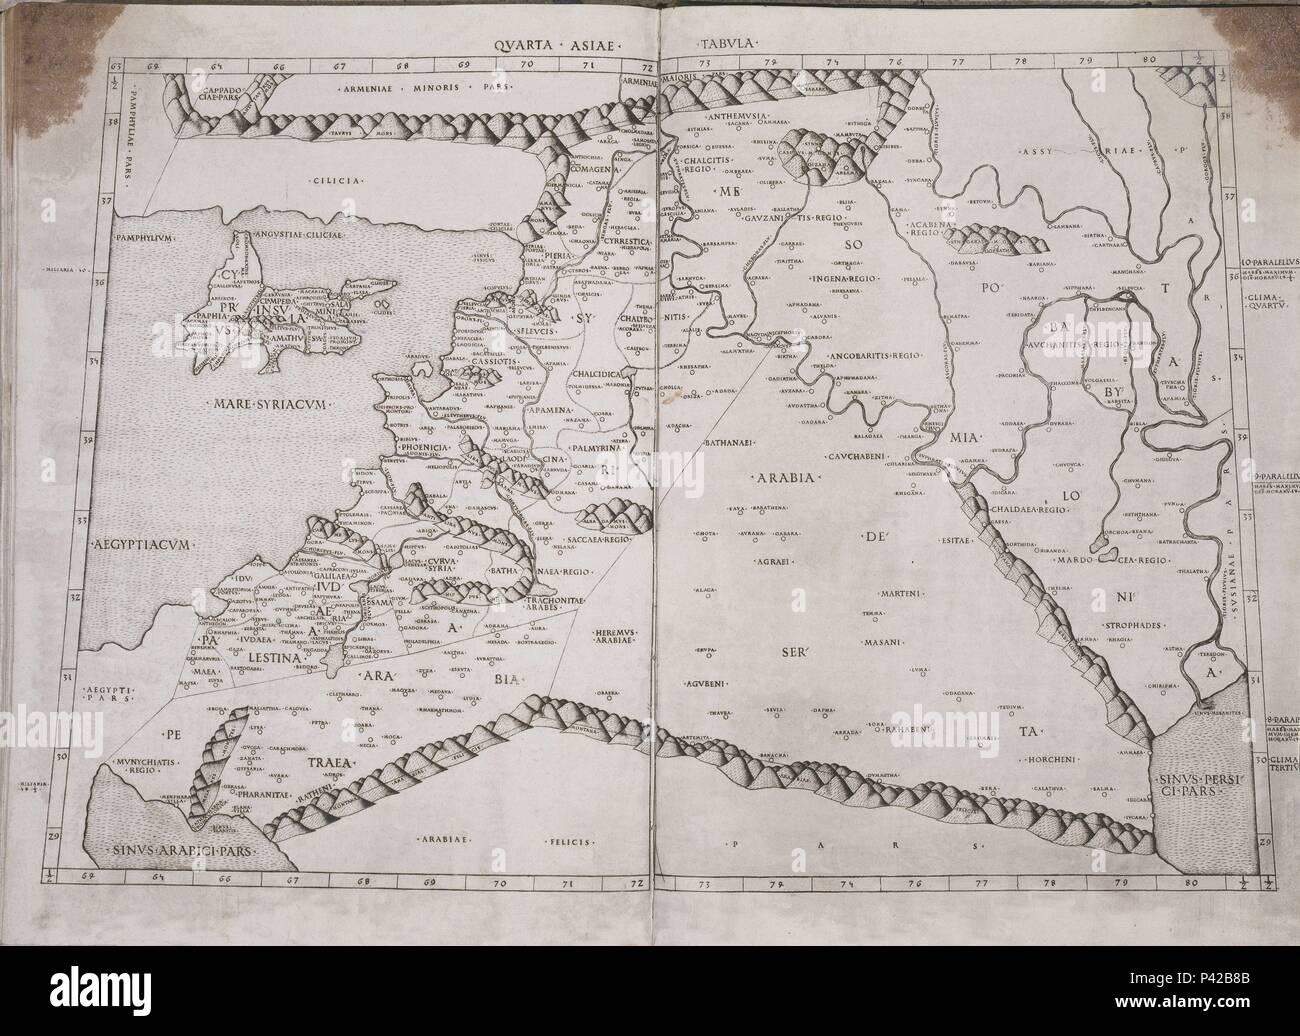 Mapa De Turquia Siria Y Arabien En El Siglo Ii Thema Claudius